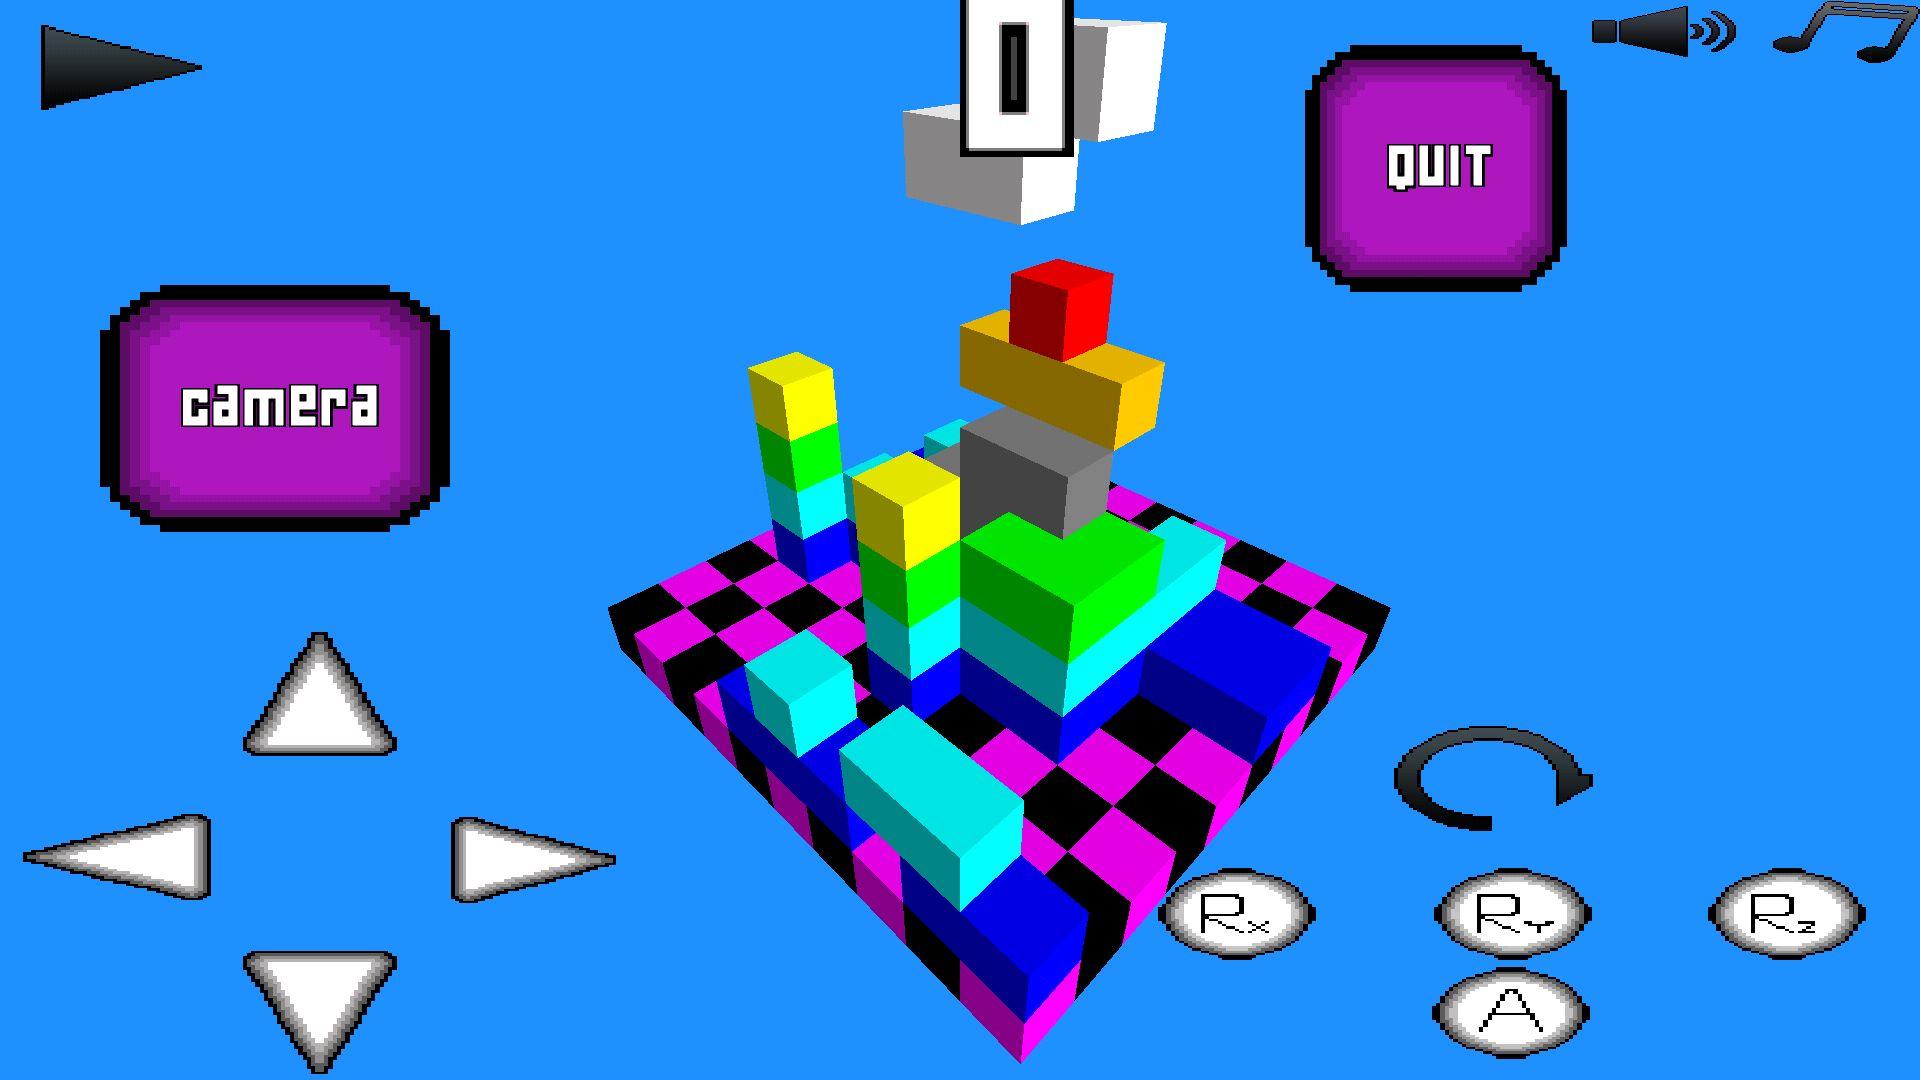 GitHub - msk610/3D-TETRIS: Code for 3D TETRIS Game